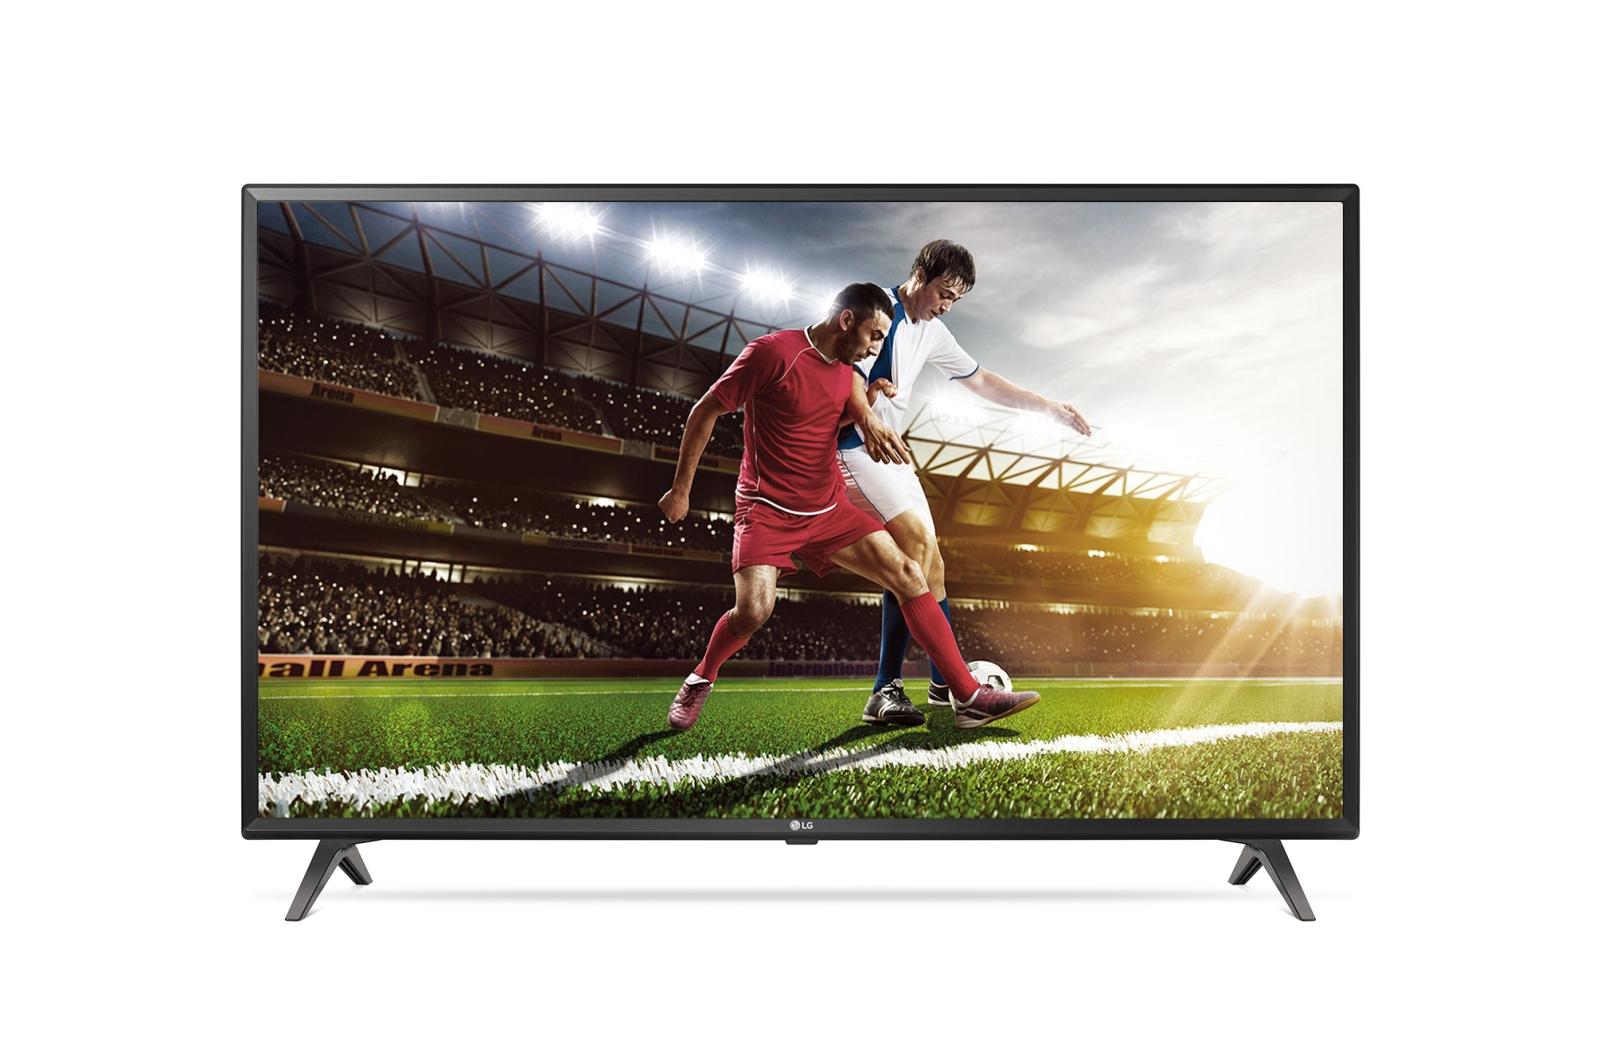 Direct LED Tv - 55uu640c - 55in - 3840 X 2160 (ultra Hd)